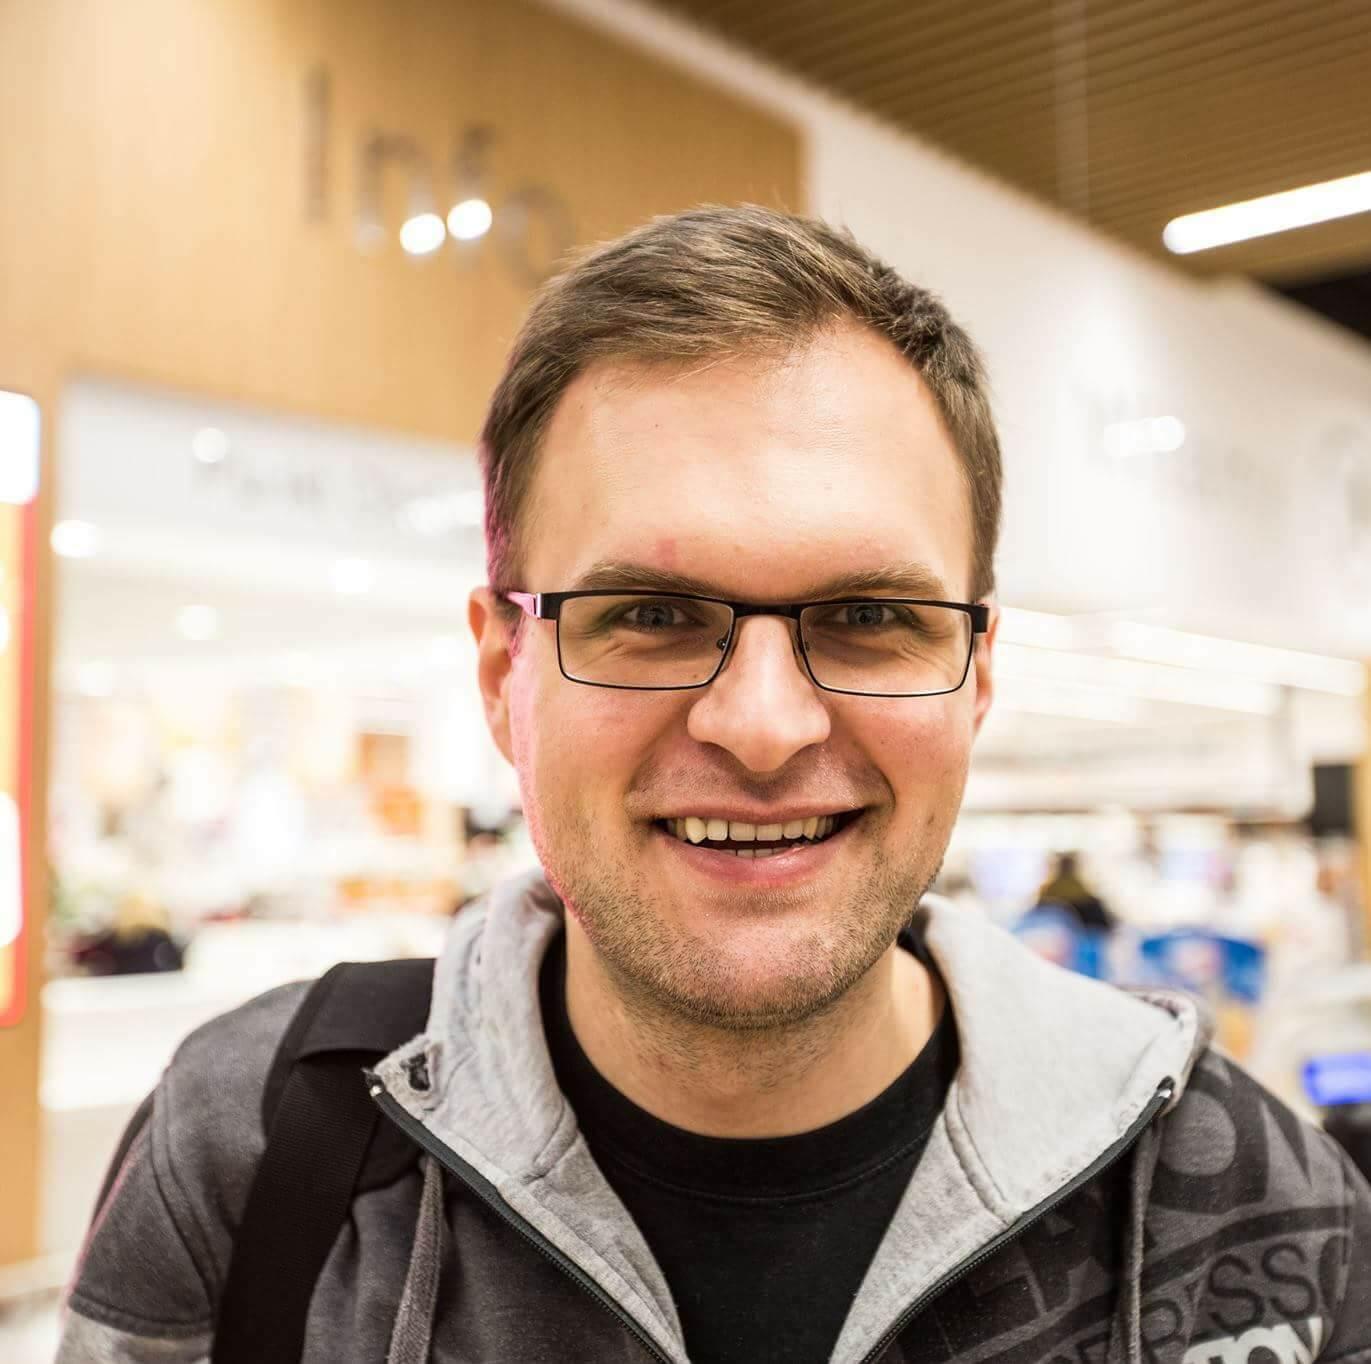 Daniel Witkowski